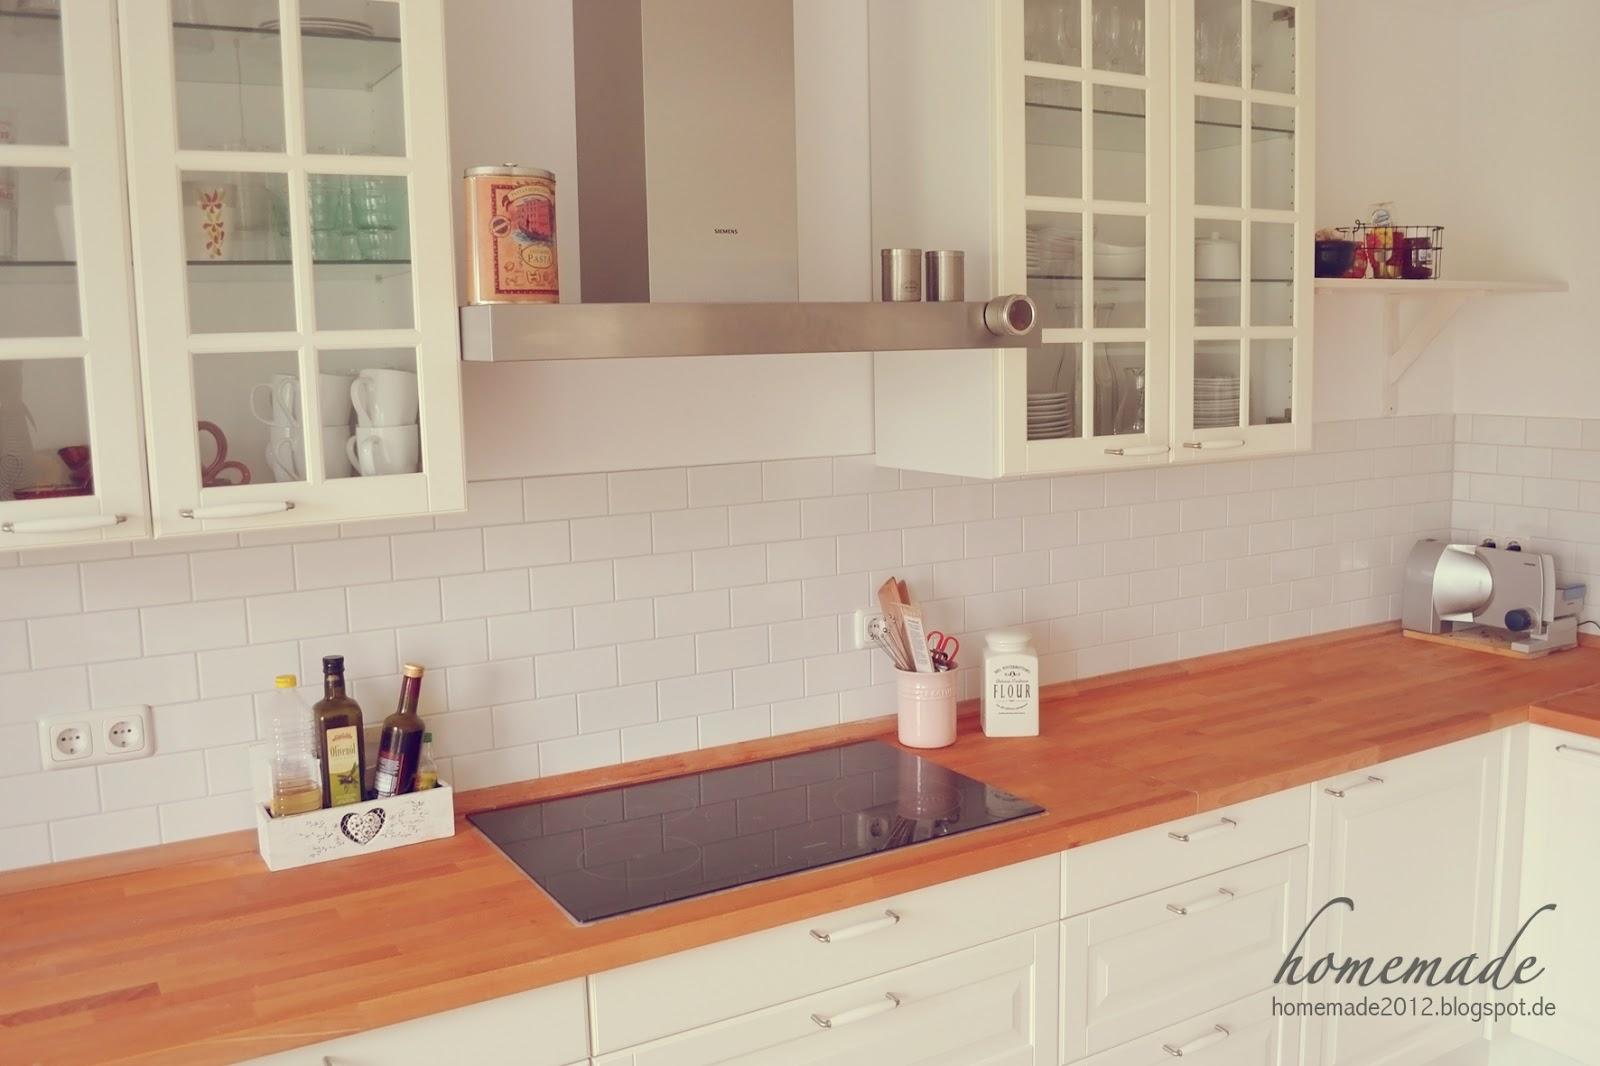 ikea landhauskuche beste bildideen zu hause design. Black Bedroom Furniture Sets. Home Design Ideas